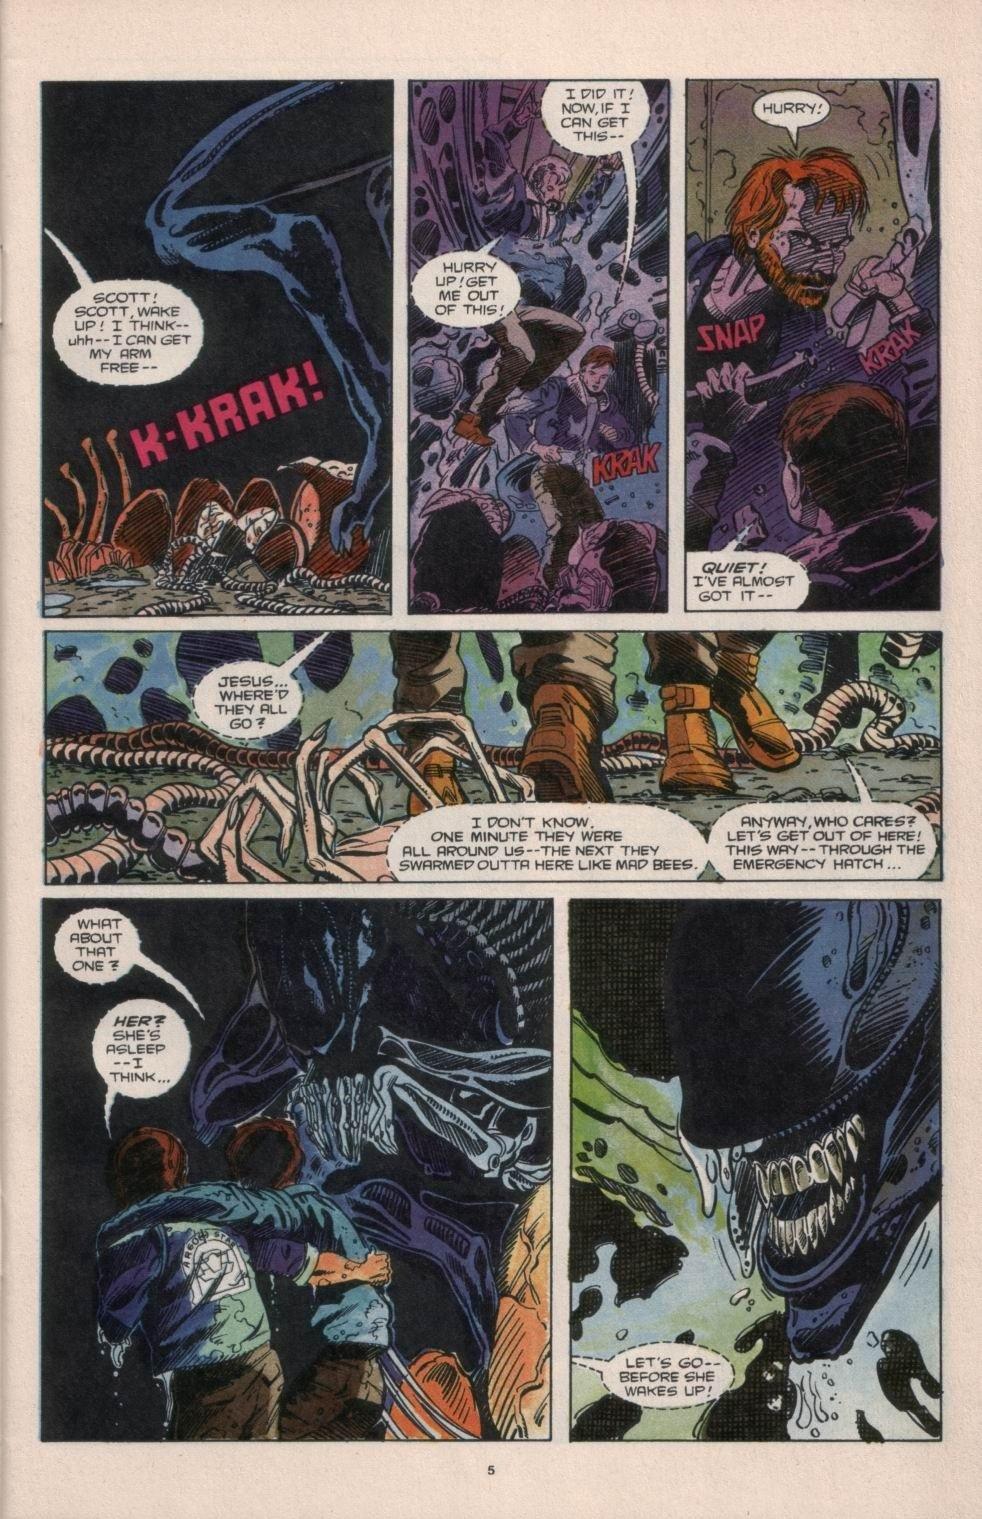 Бэтмен против Чужого?! Безумные комикс-кроссоверы сксеноморфами | Канобу - Изображение 5